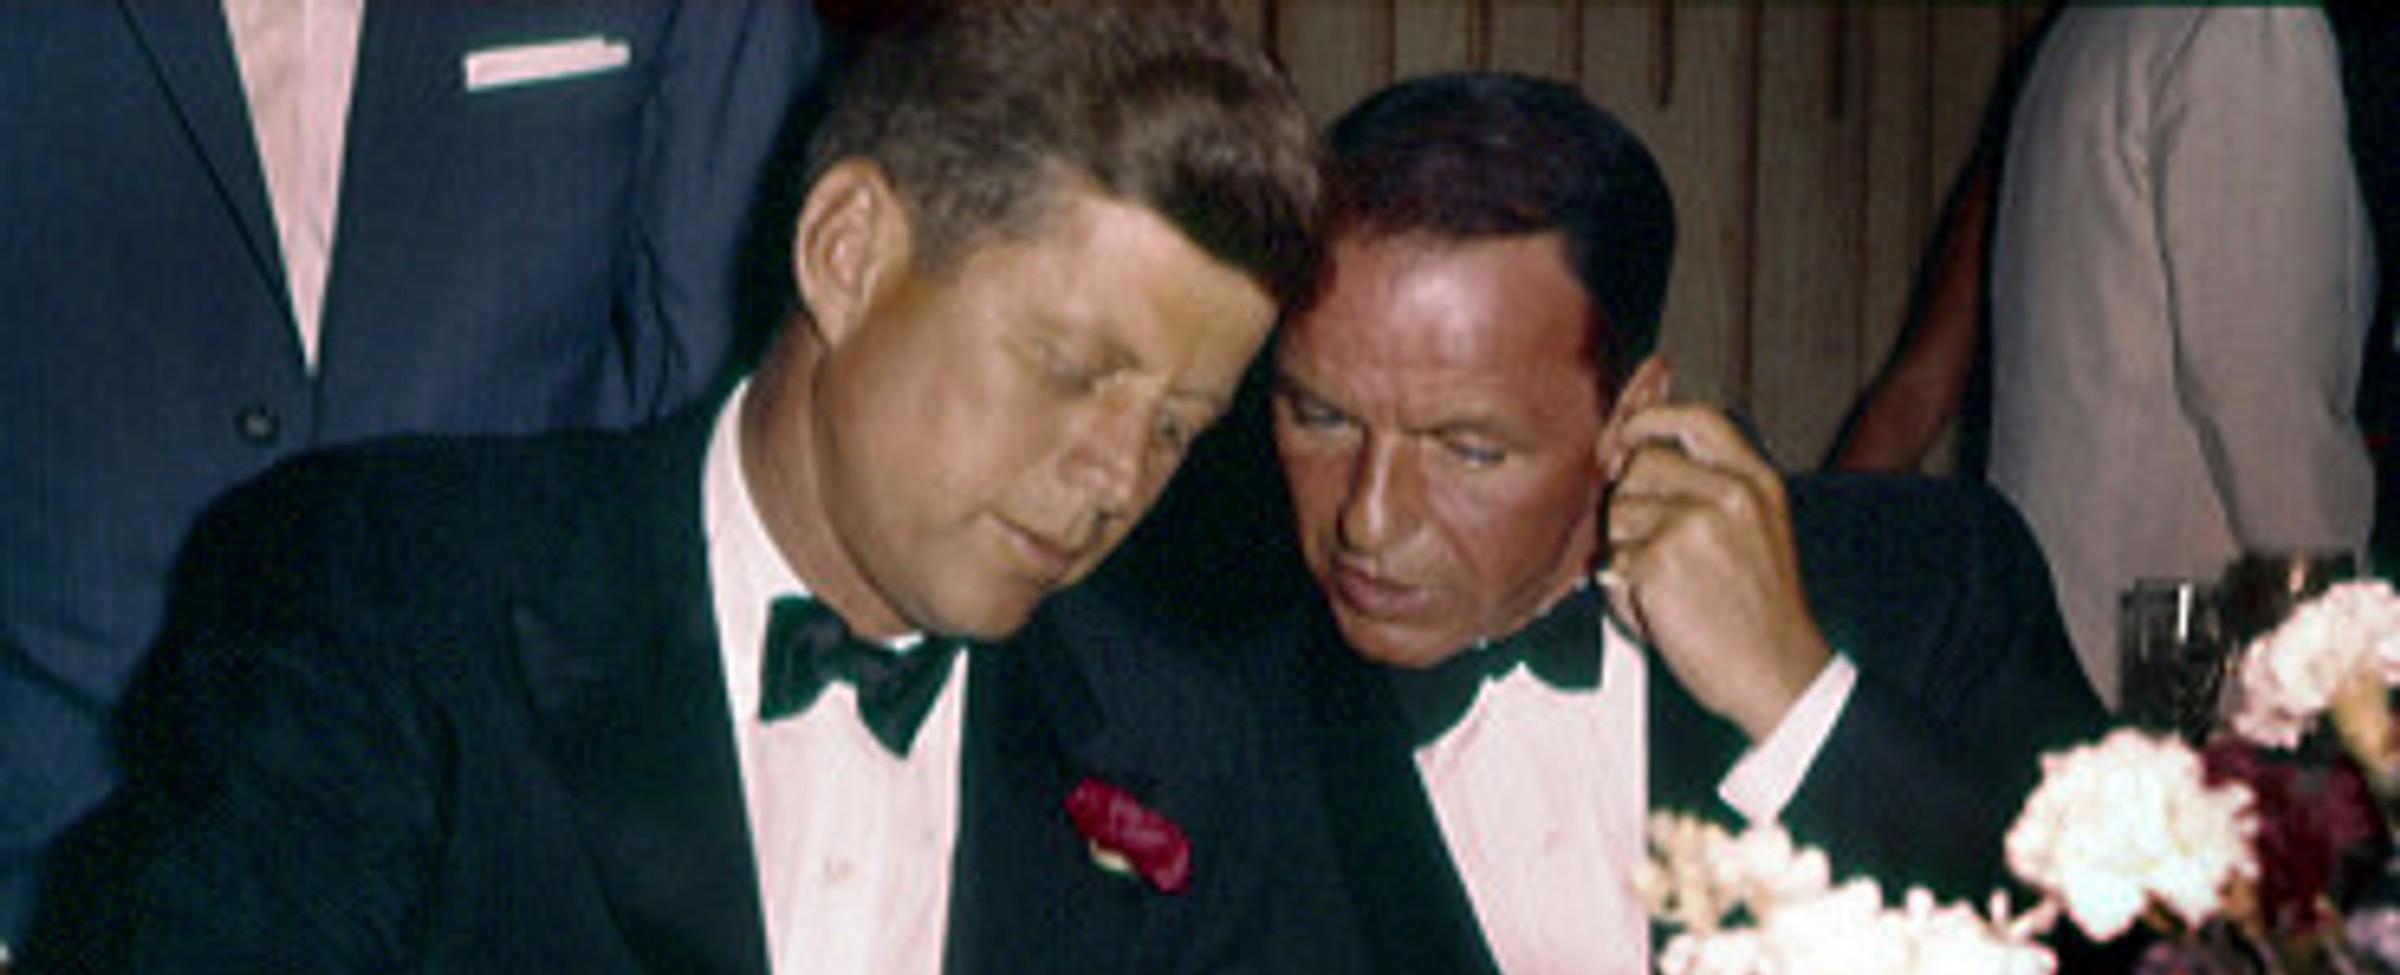 JFK a nový světový řád